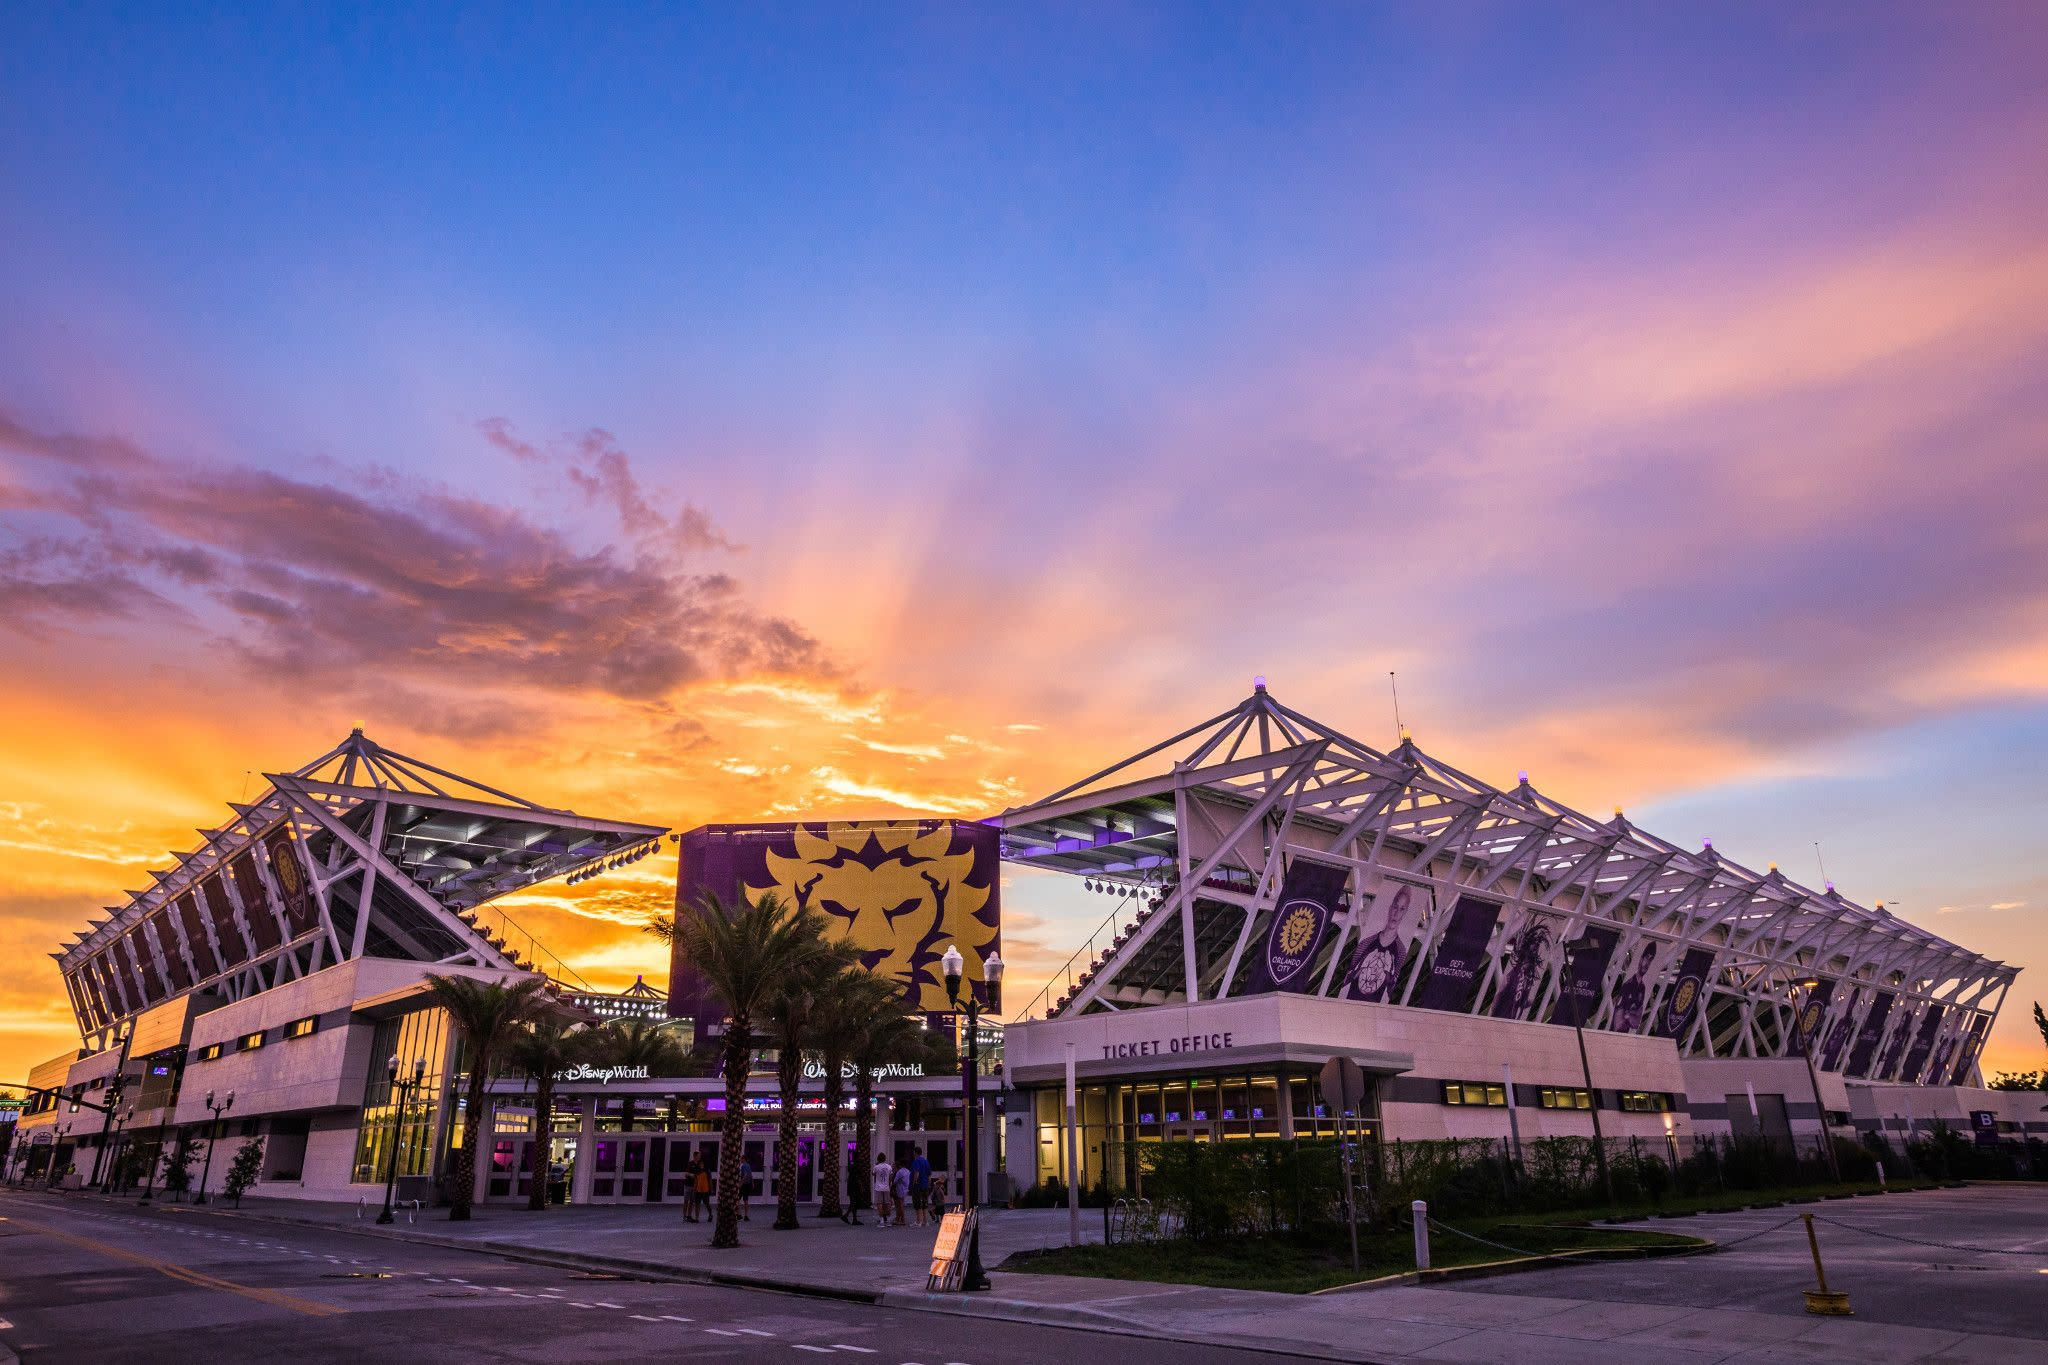 Exploria Stadium in Orlando